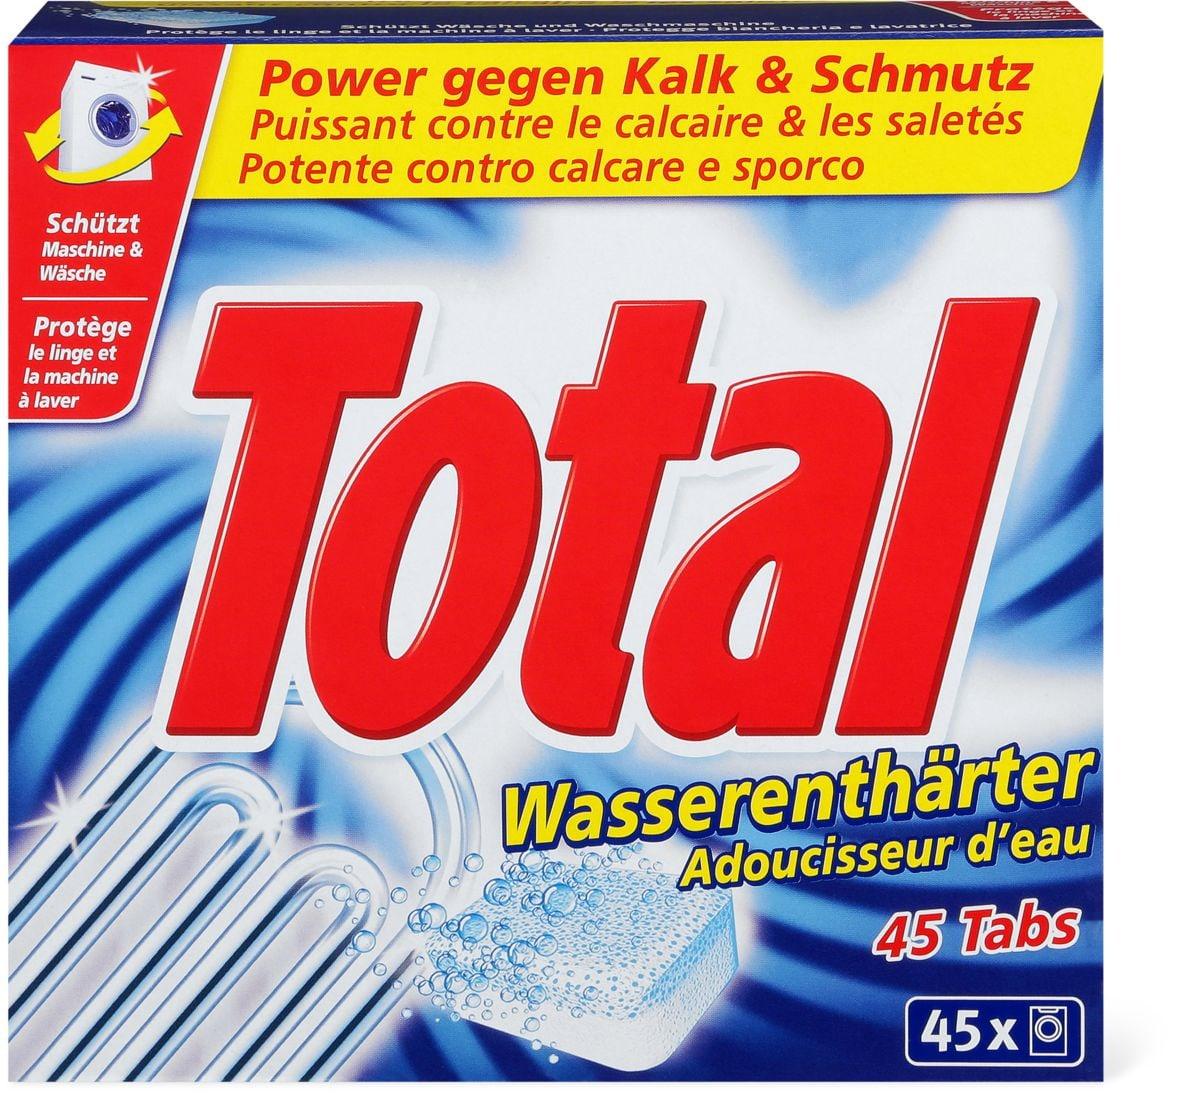 Total adoucisseur d'eau pastilles